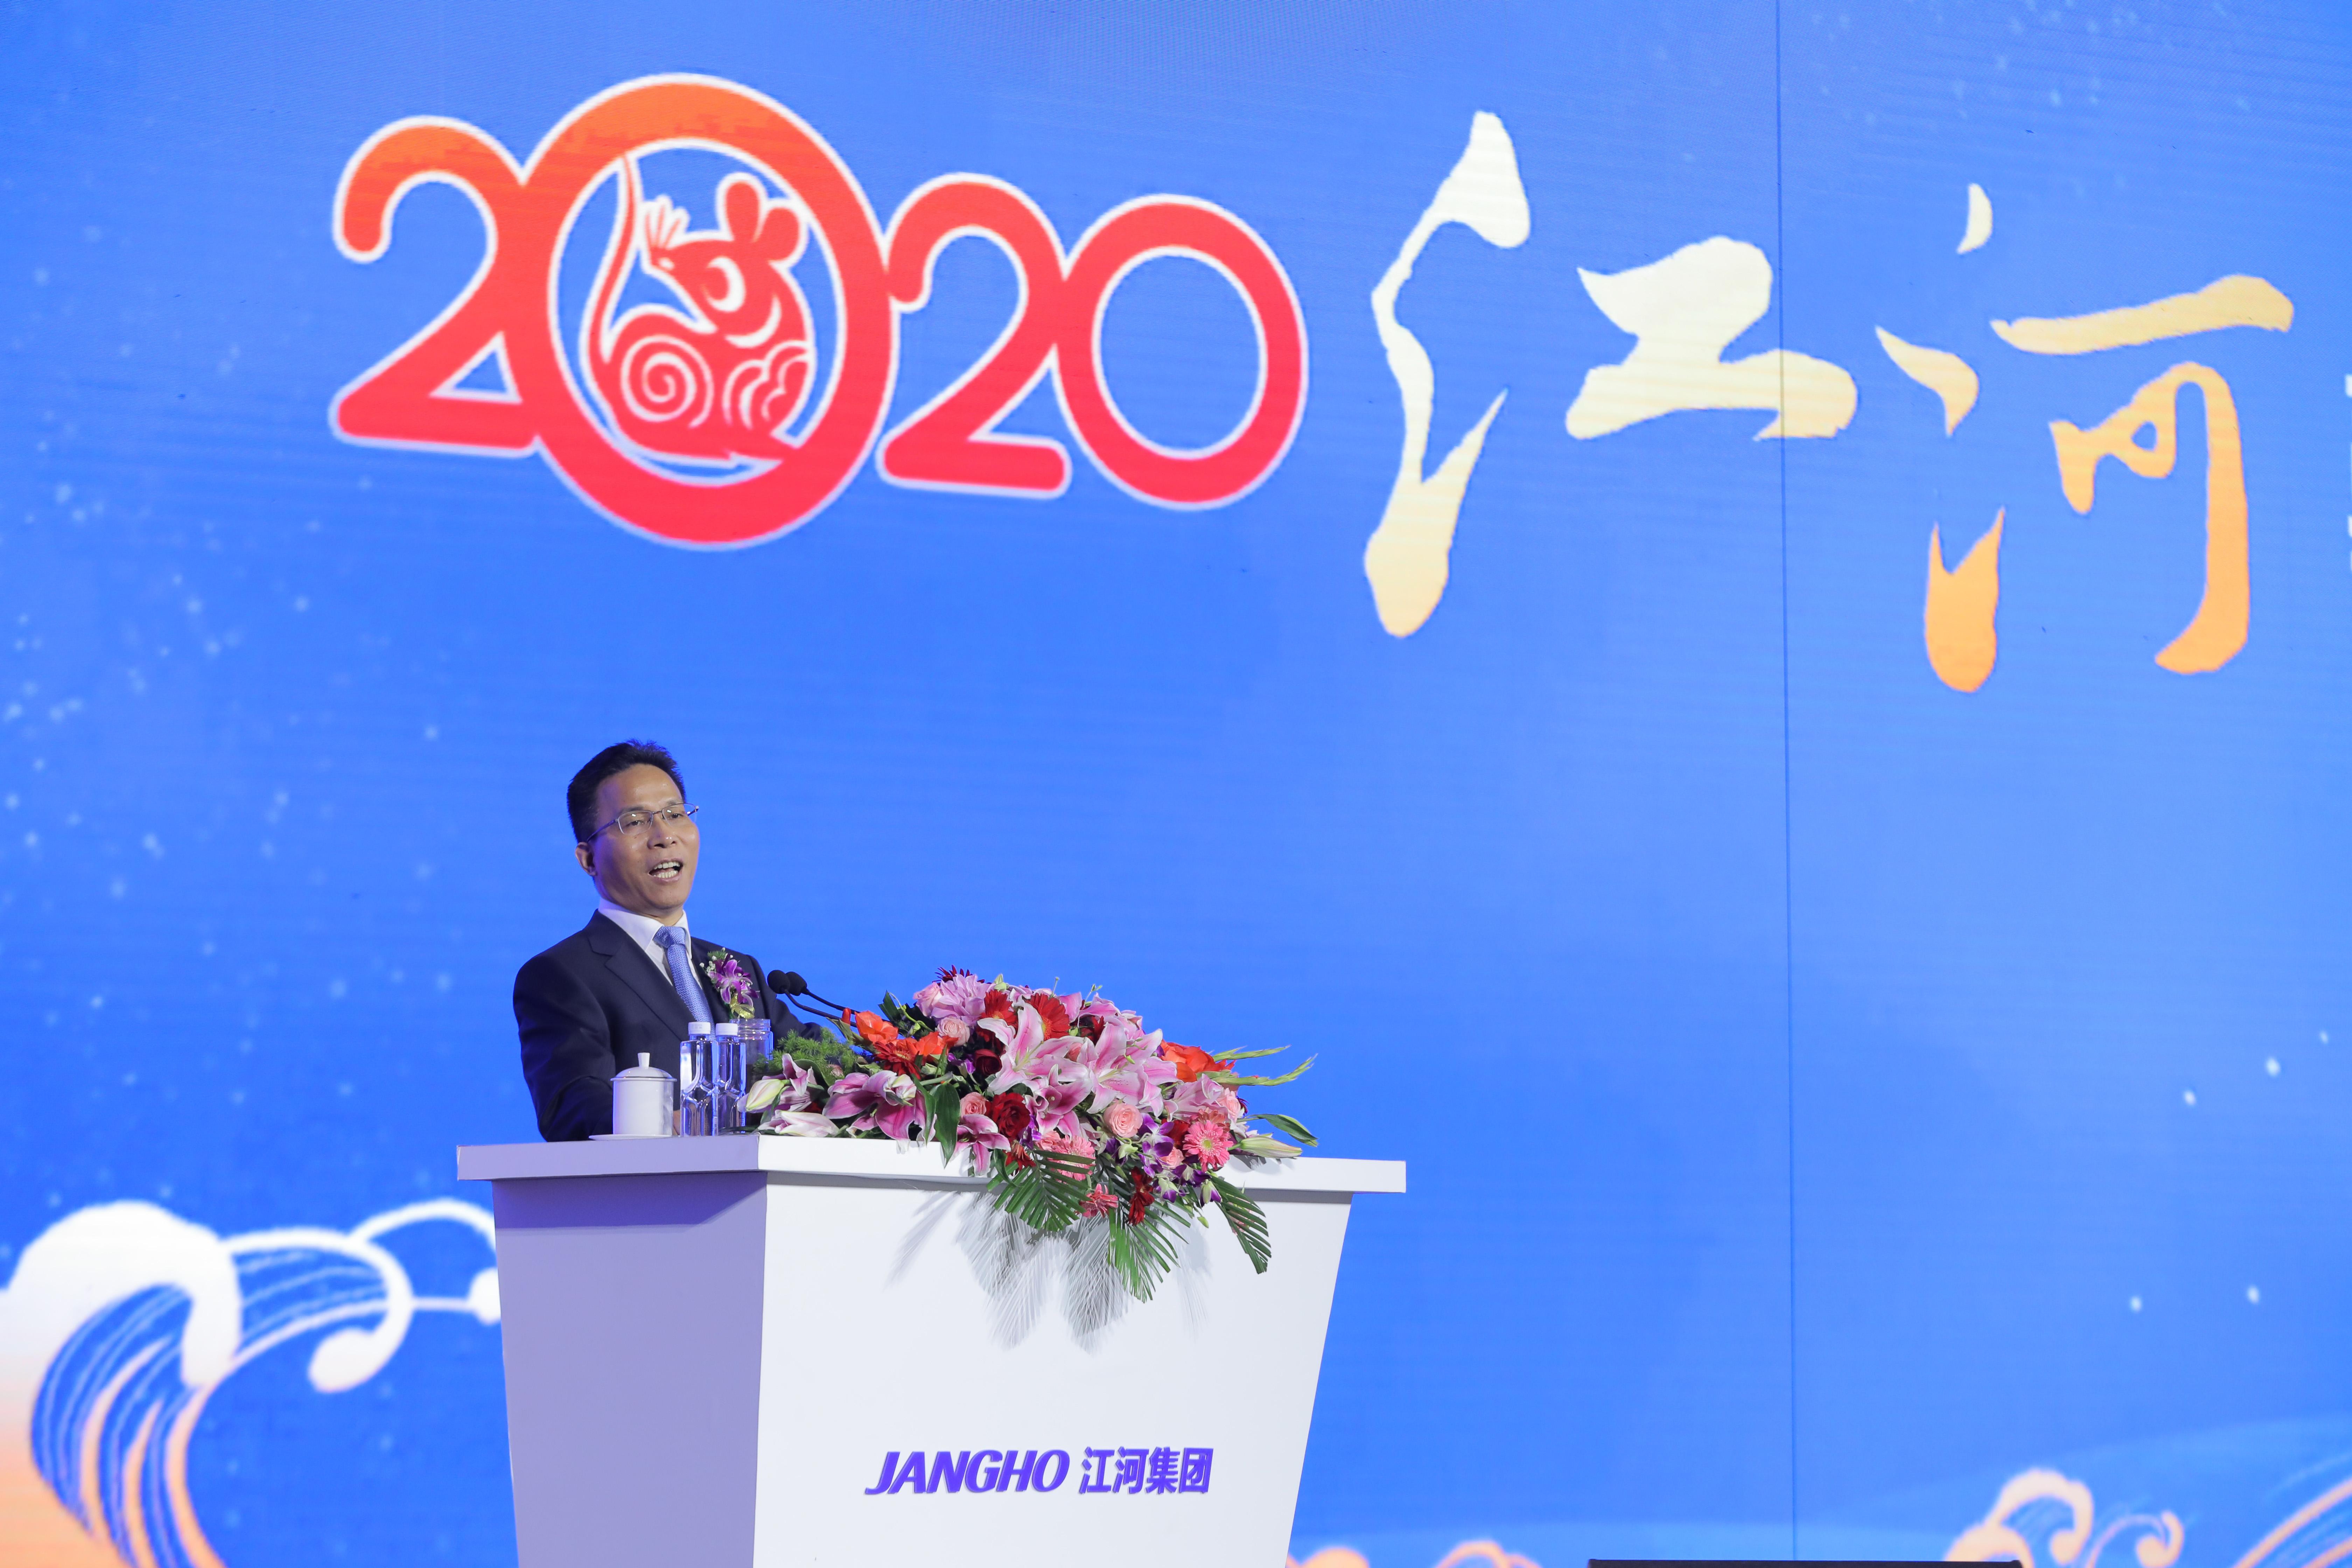 躬身入局 持續為客戶創造價值——劉載望董事長在2020江河嘉年華上的講話(摘要)